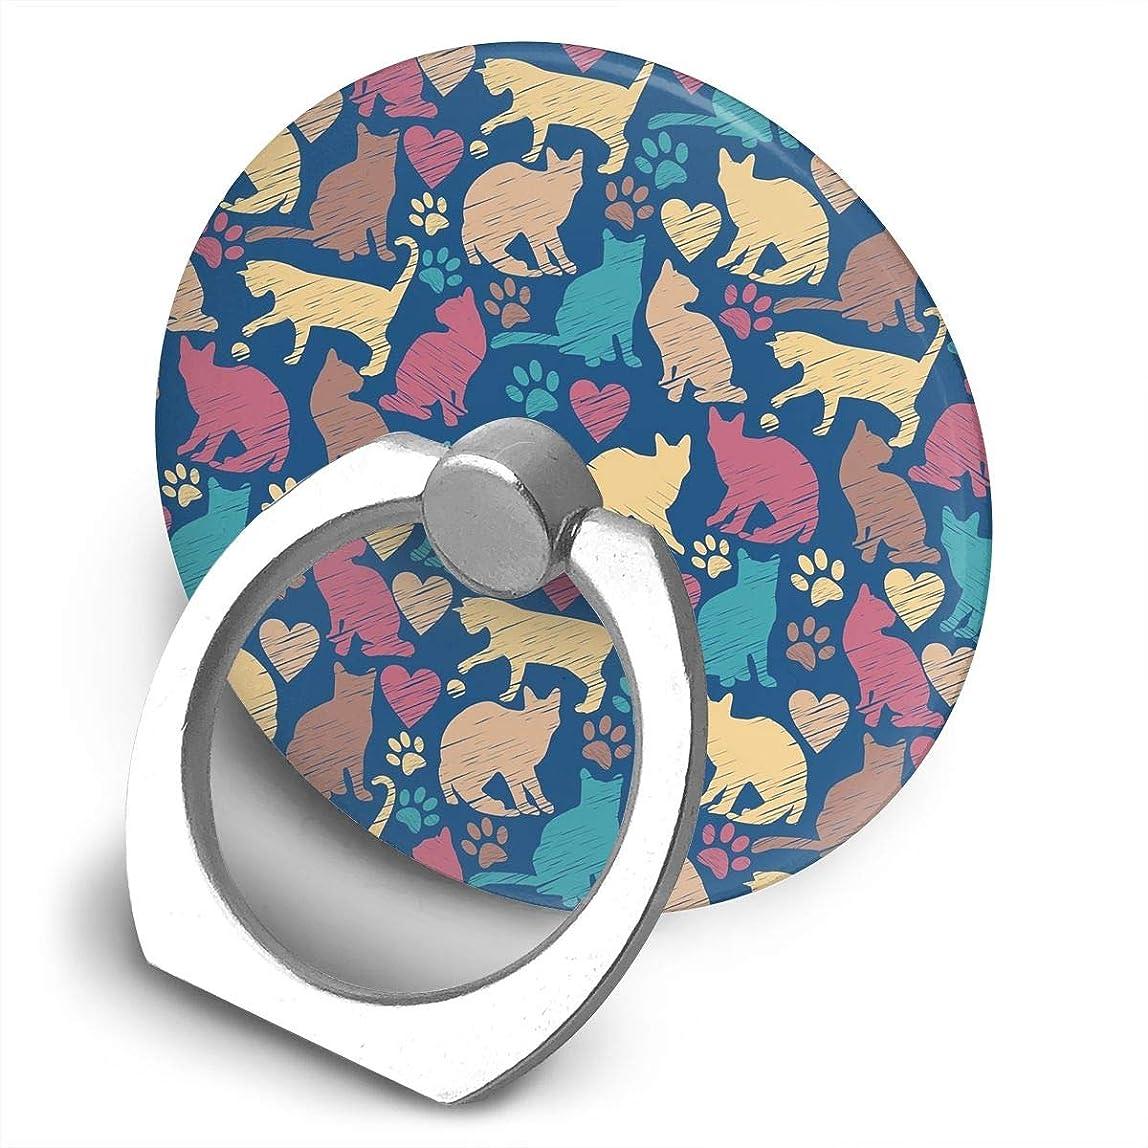 ステーキ救出洗剤カラフルな猫 360度回転 携帯リング スタンド スマホスタンド ホルダー 薄型 指輪 リング 携帯アクセサリースタンド機能 落下防止